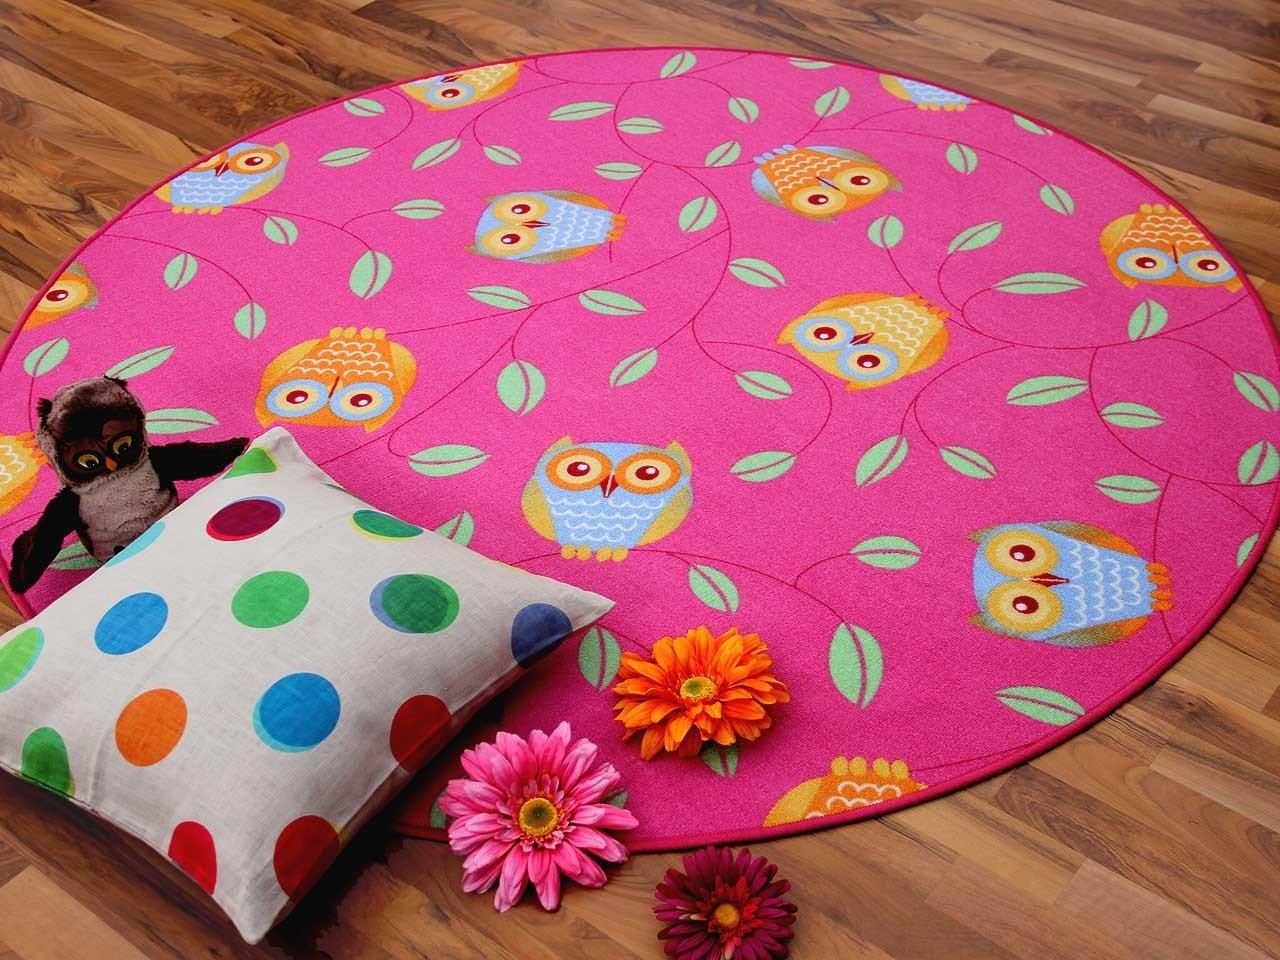 Kinder Spielteppich Eule Lila Pink Rosa Rund in 7 Größen